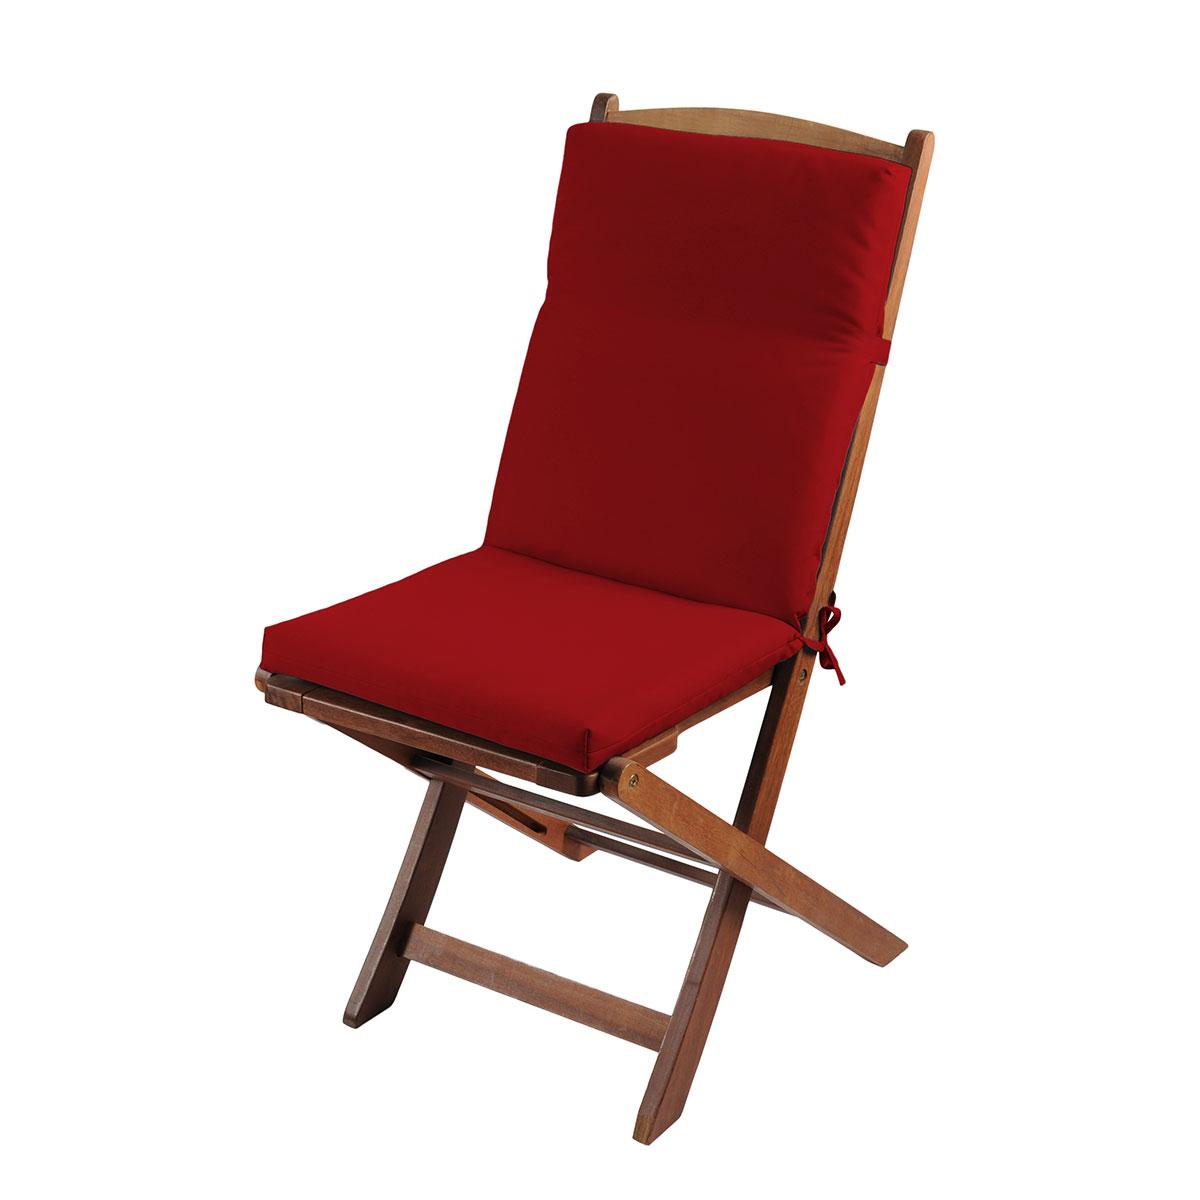 Coussin de fauteuil outdoor coloré (Rouge)